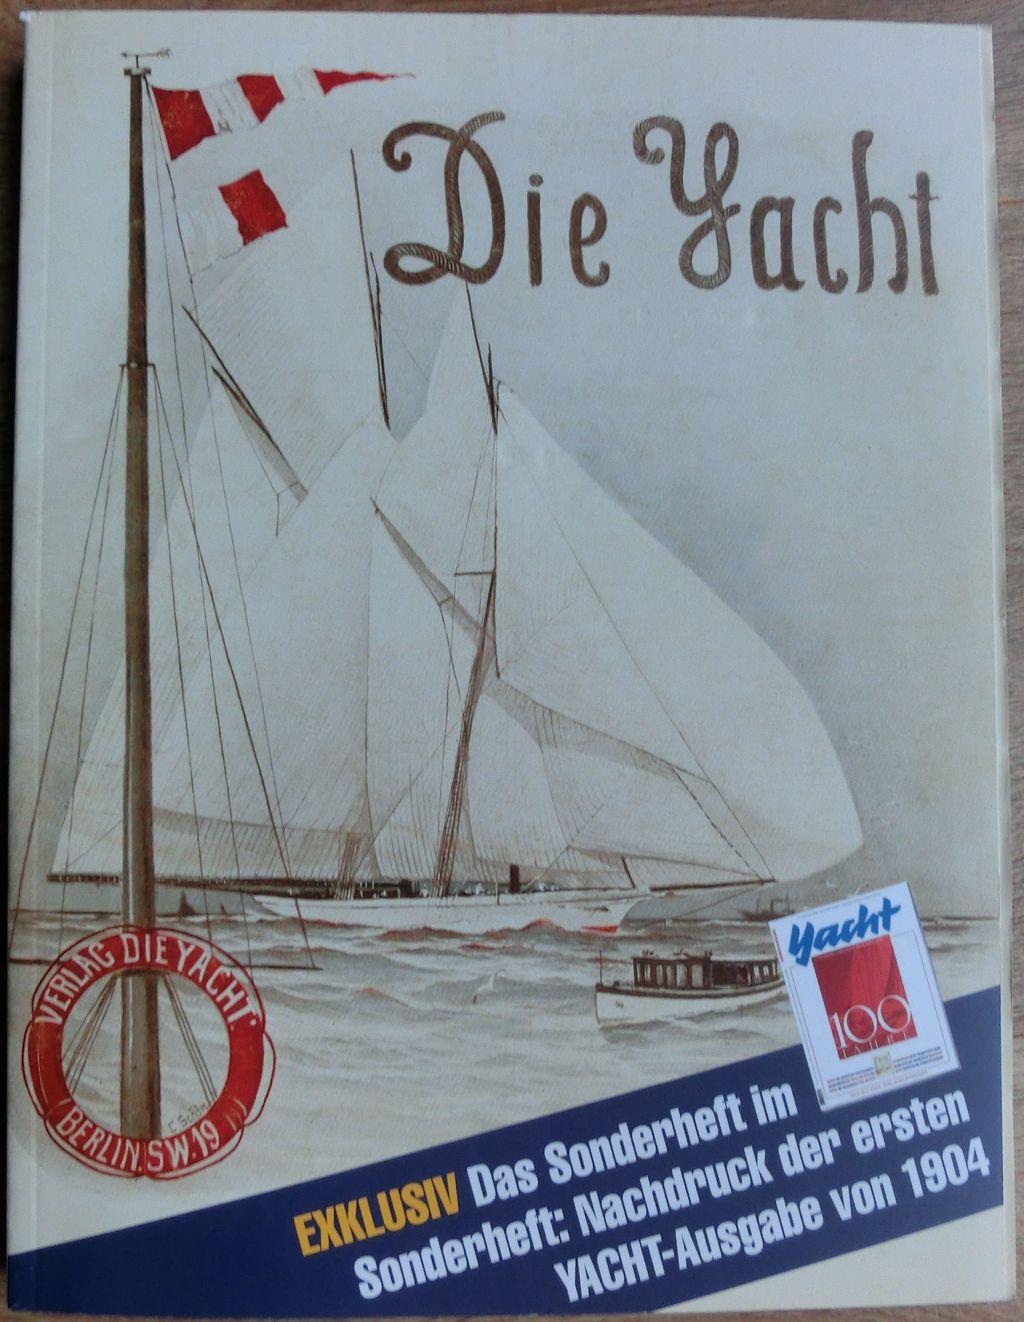 100-Jahre-Yacht-CIMG71497